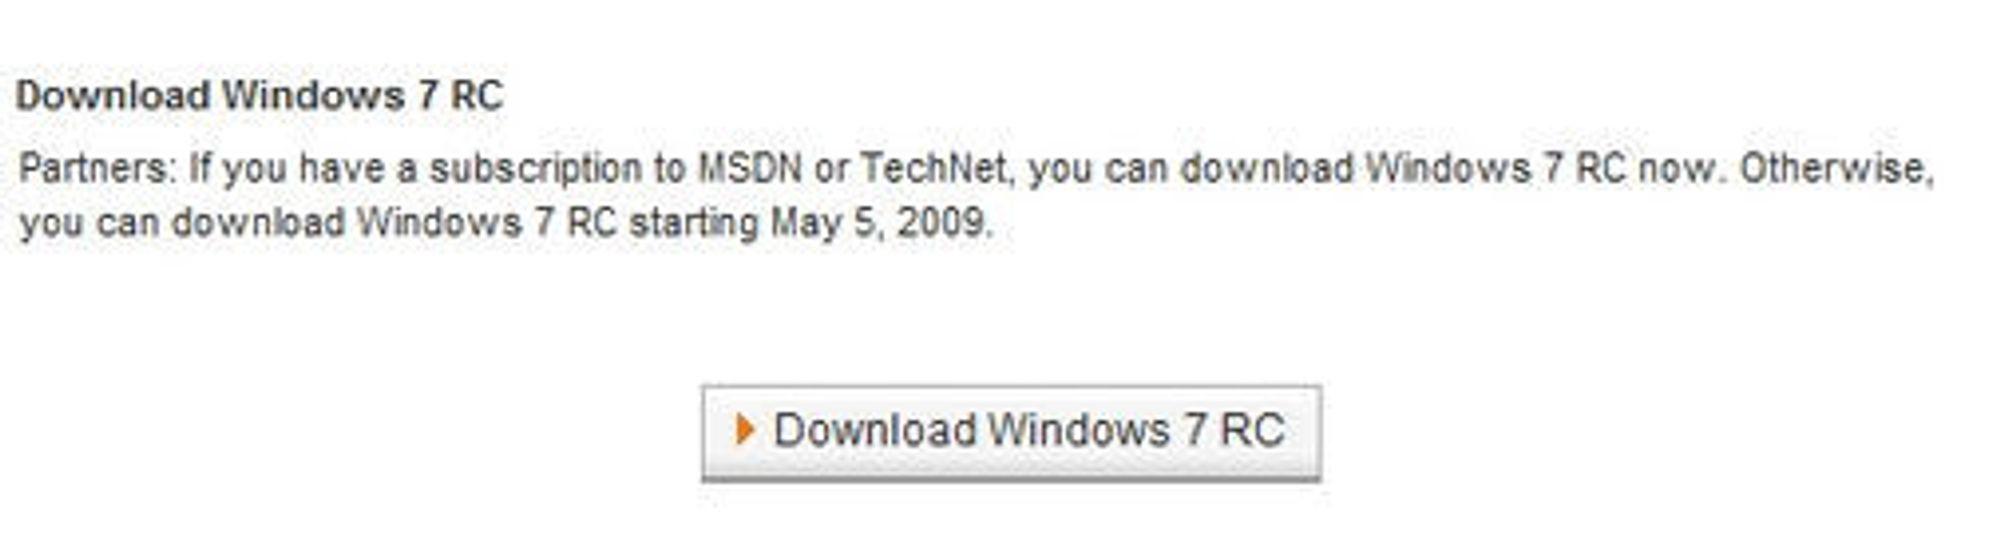 Utsnitt fra Microsofts Partner Program-side med nedlastingslenke til Windows 7 RC. Bilde: Arstechnica.